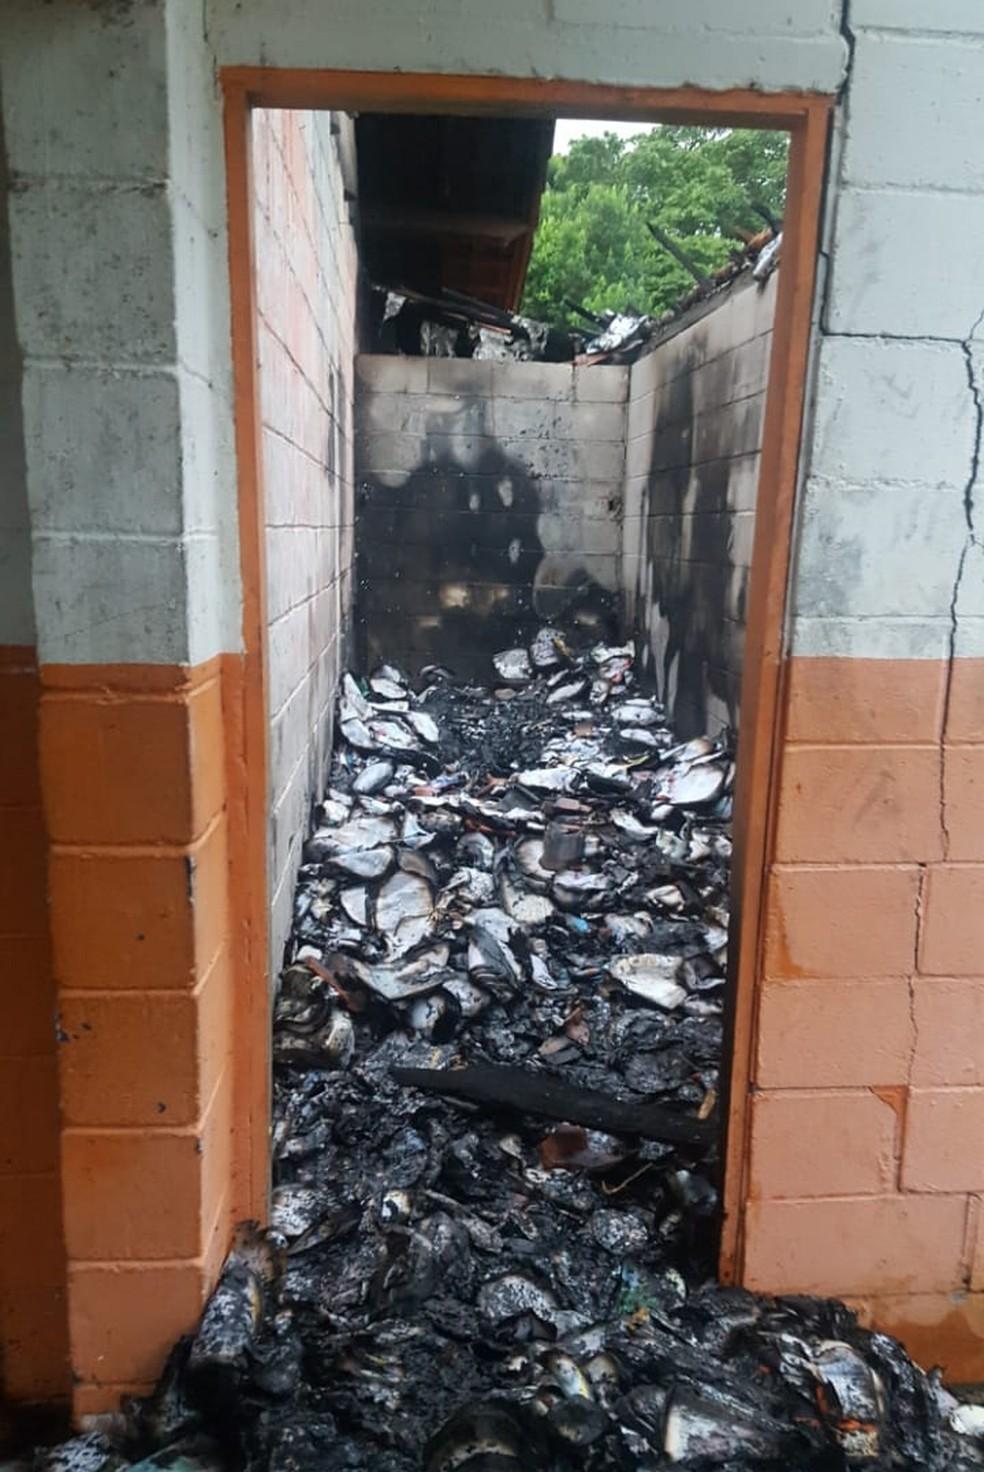 Incêndio em escola de Pariquera-Açu, SP, destruiu grande parte do material didático — Foto: G1 Santos